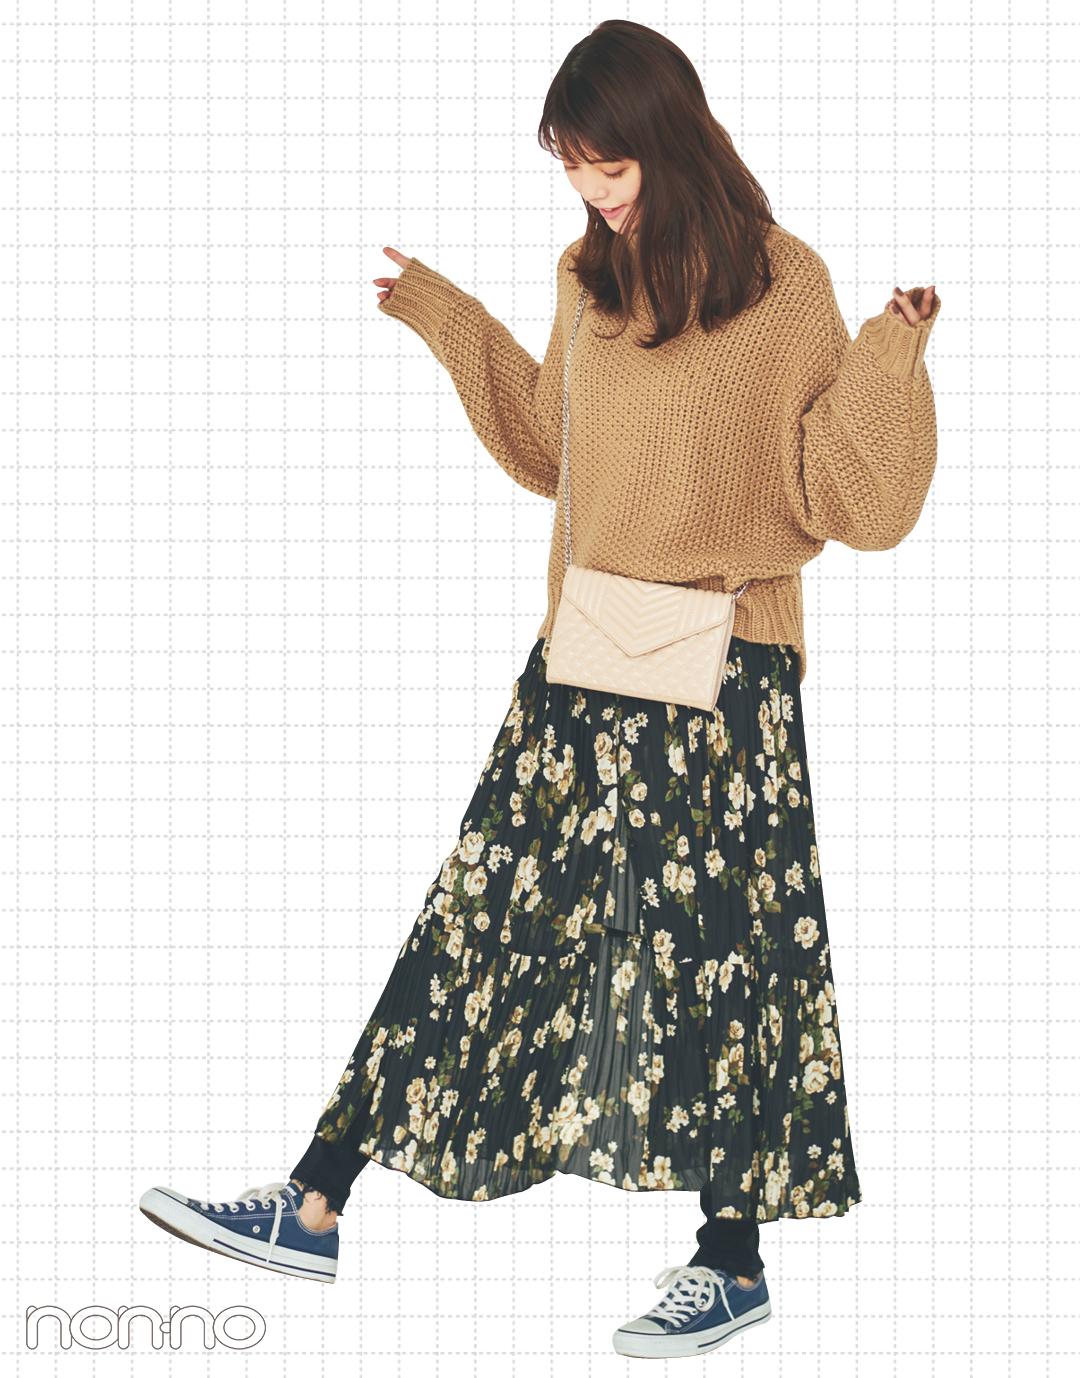 真冬は揺れスカートの足元が寒い…おしゃれに解決するテクを伝授!_1_2-2